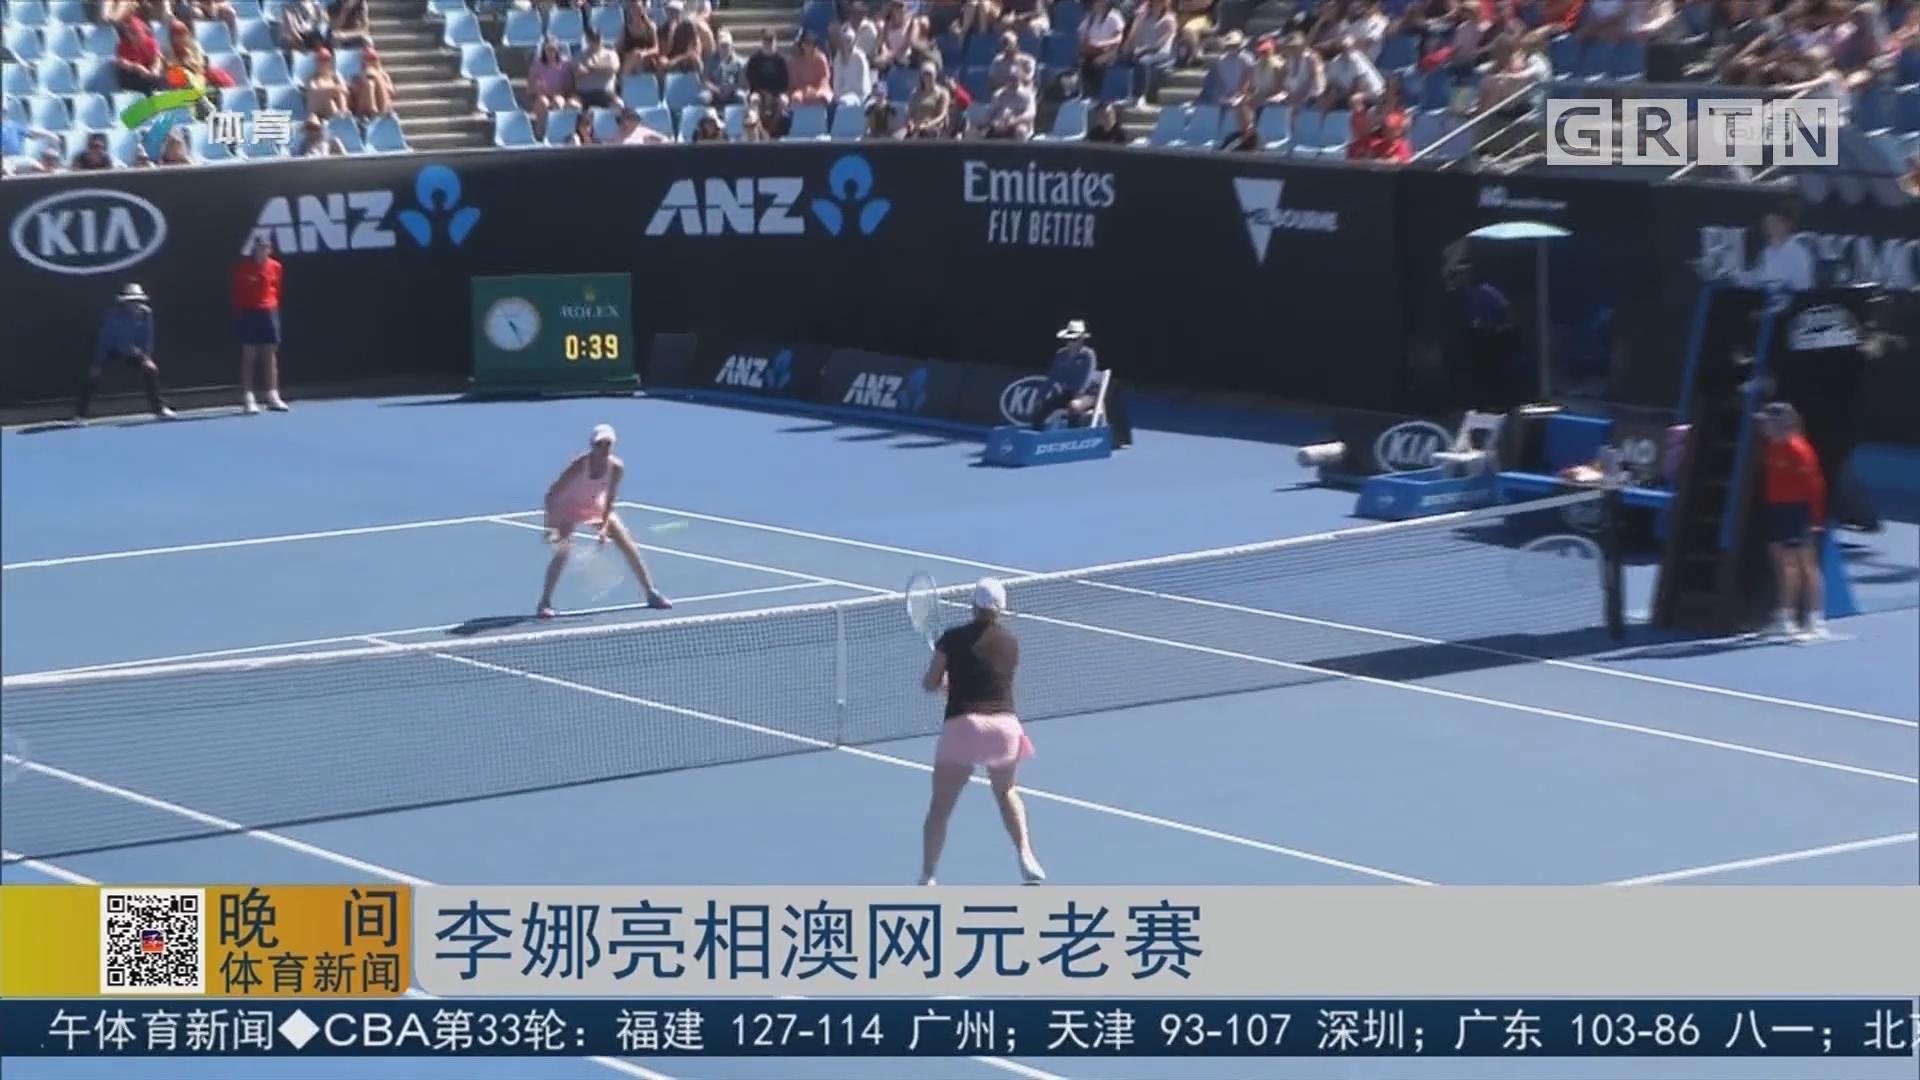 李娜亮相澳网元老赛